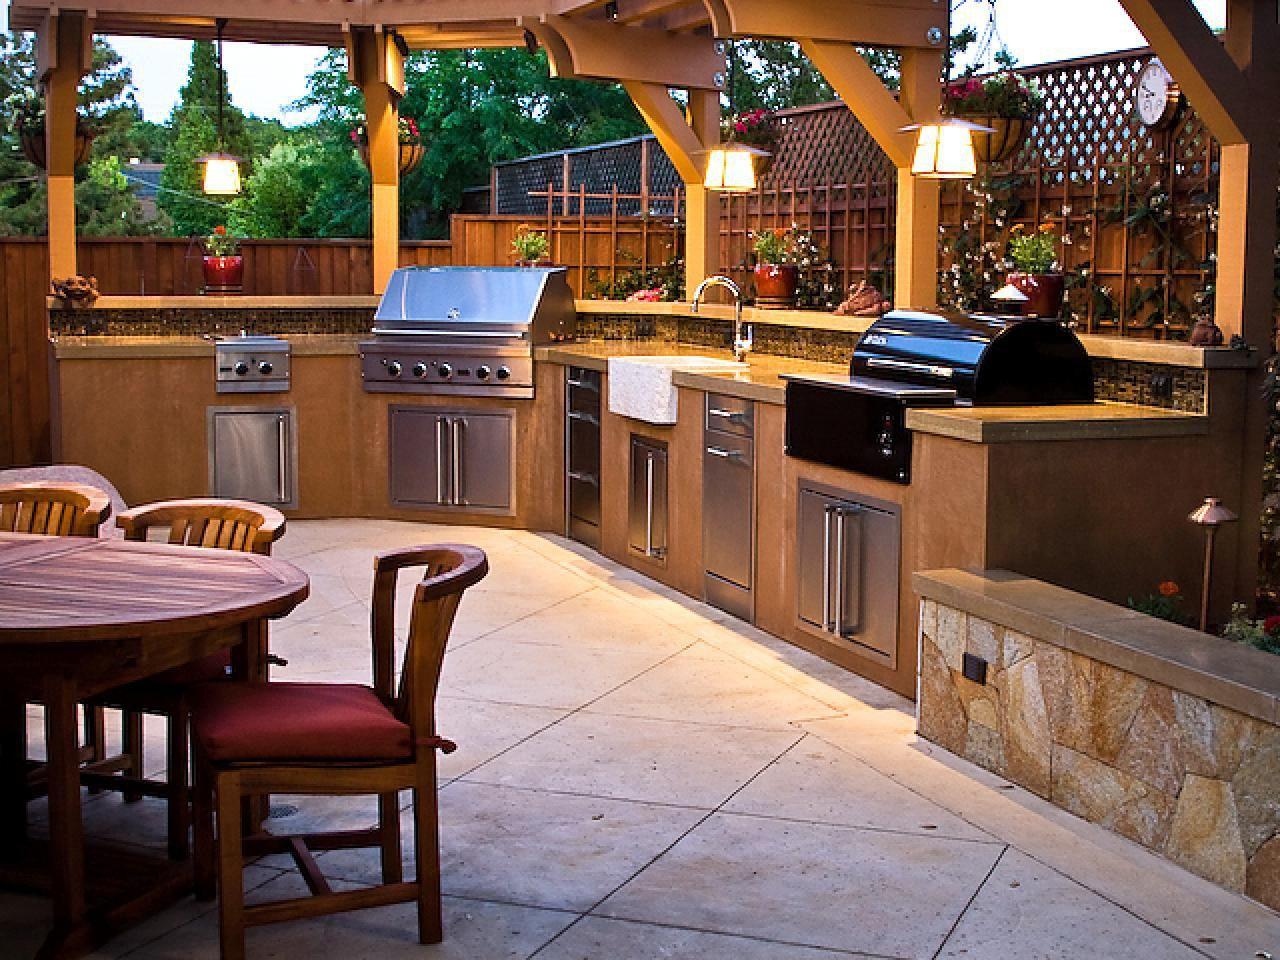 Full Size of Amerikanische Outdoor Küchen Schrecklich Clevere Ideen Fr Kche Beleuchtung Design Küche Kaufen Amerikanisches Bett Regal Betten Edelstahl Wohnzimmer Amerikanische Outdoor Küchen